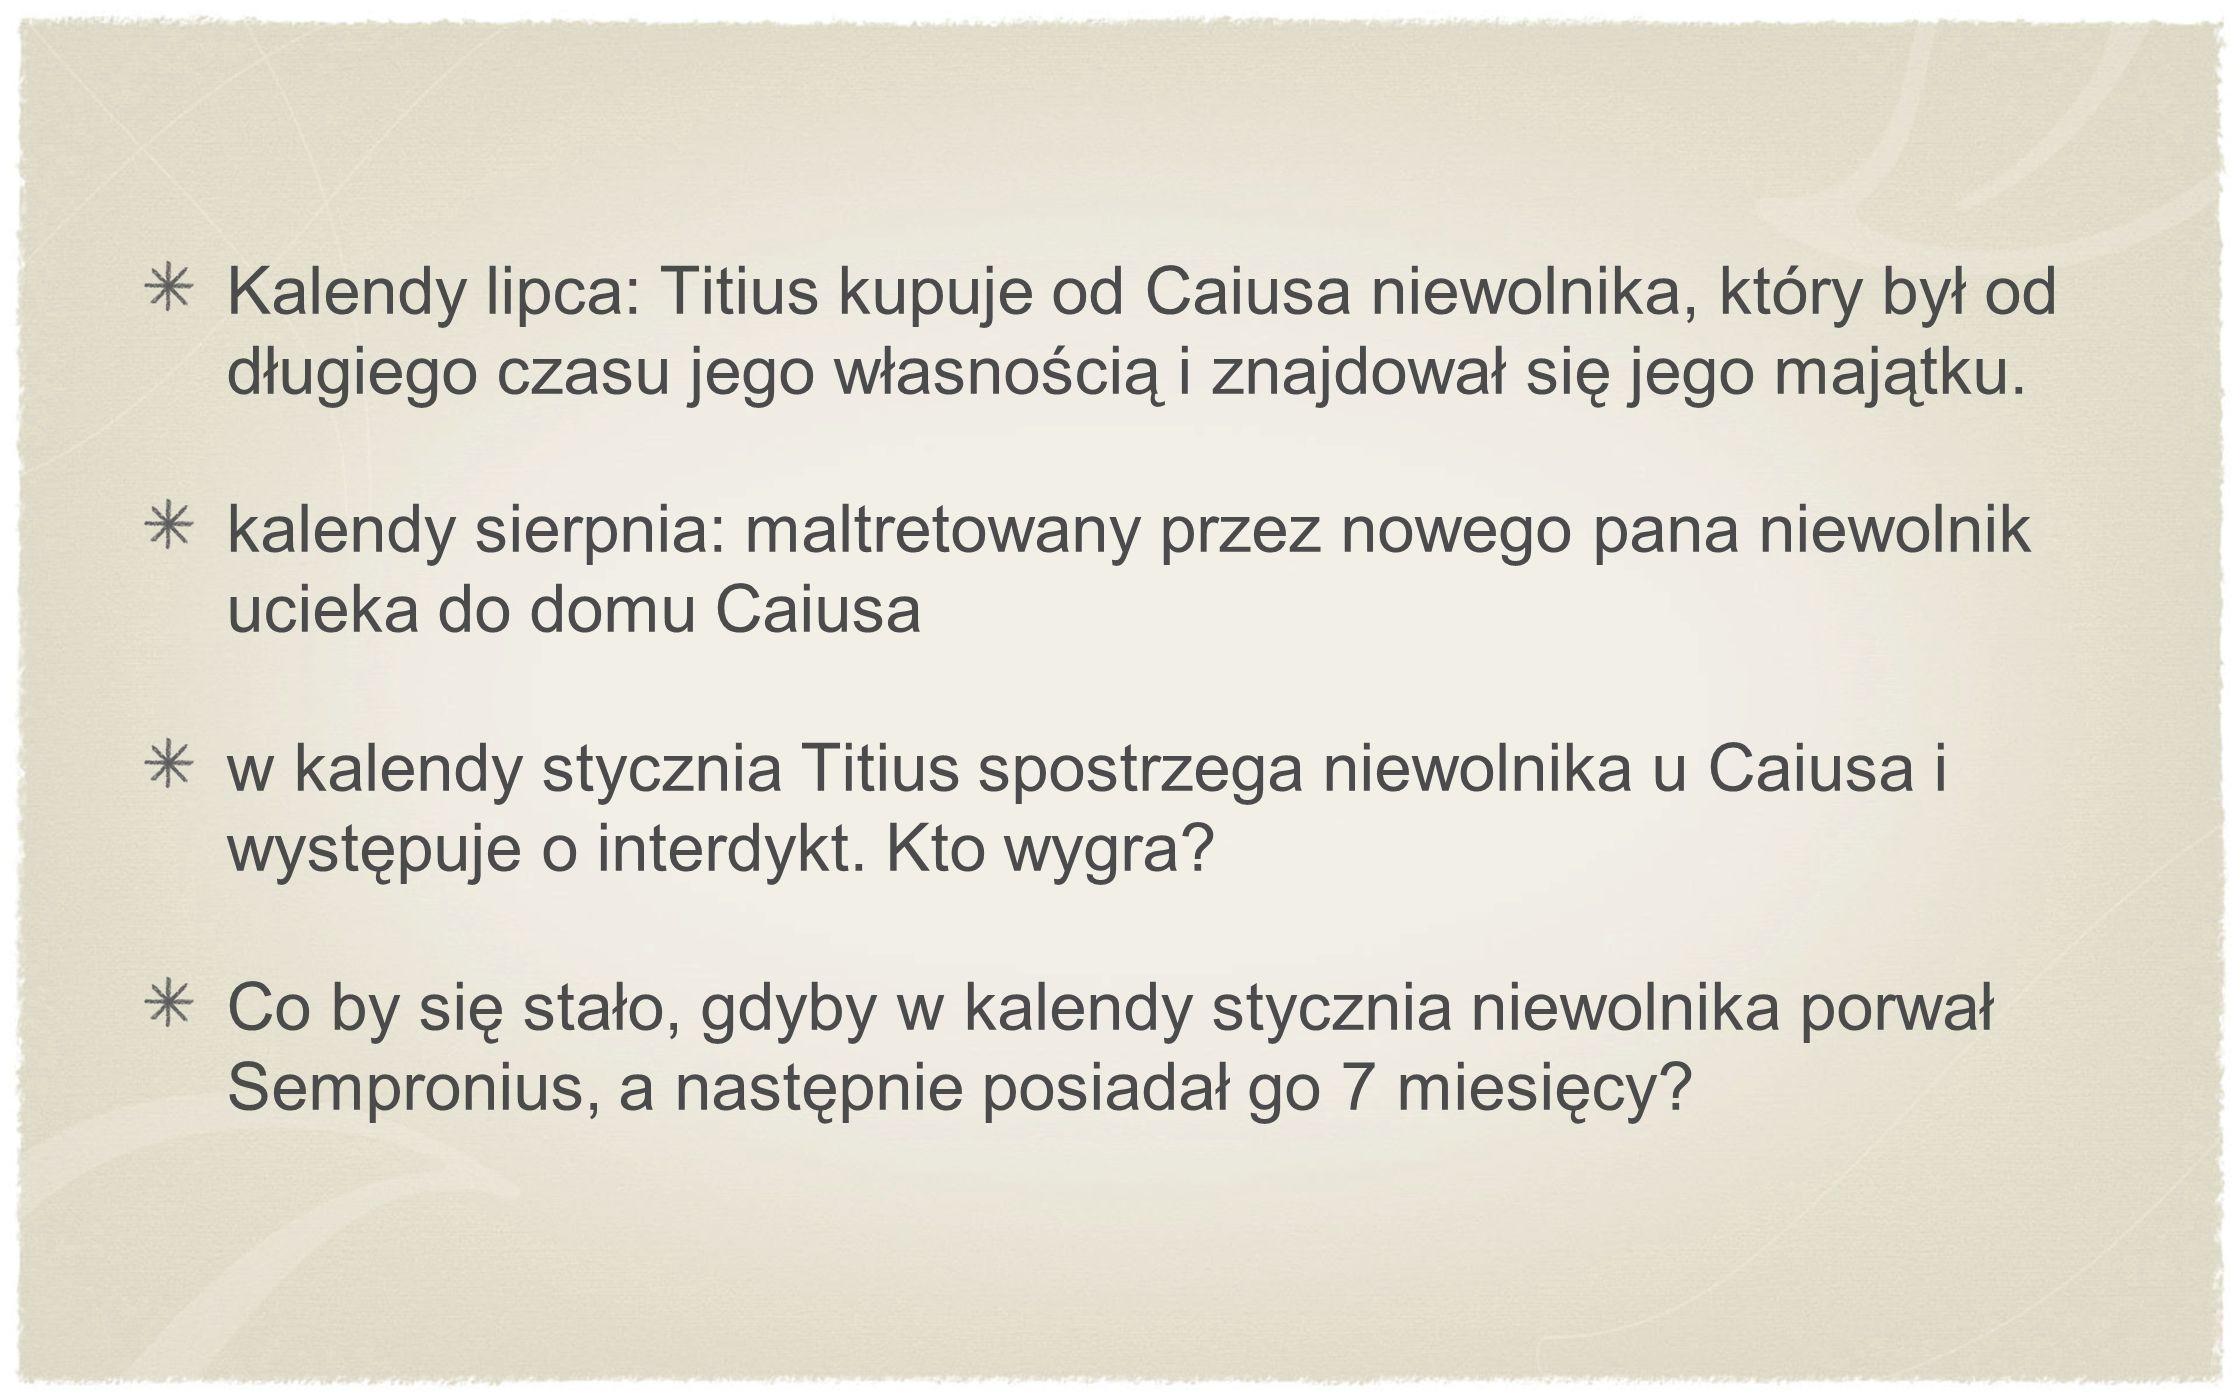 Kalendy lipca: Titius kupuje od Caiusa niewolnika, który był od długiego czasu jego własnością i znajdował się jego majątku.